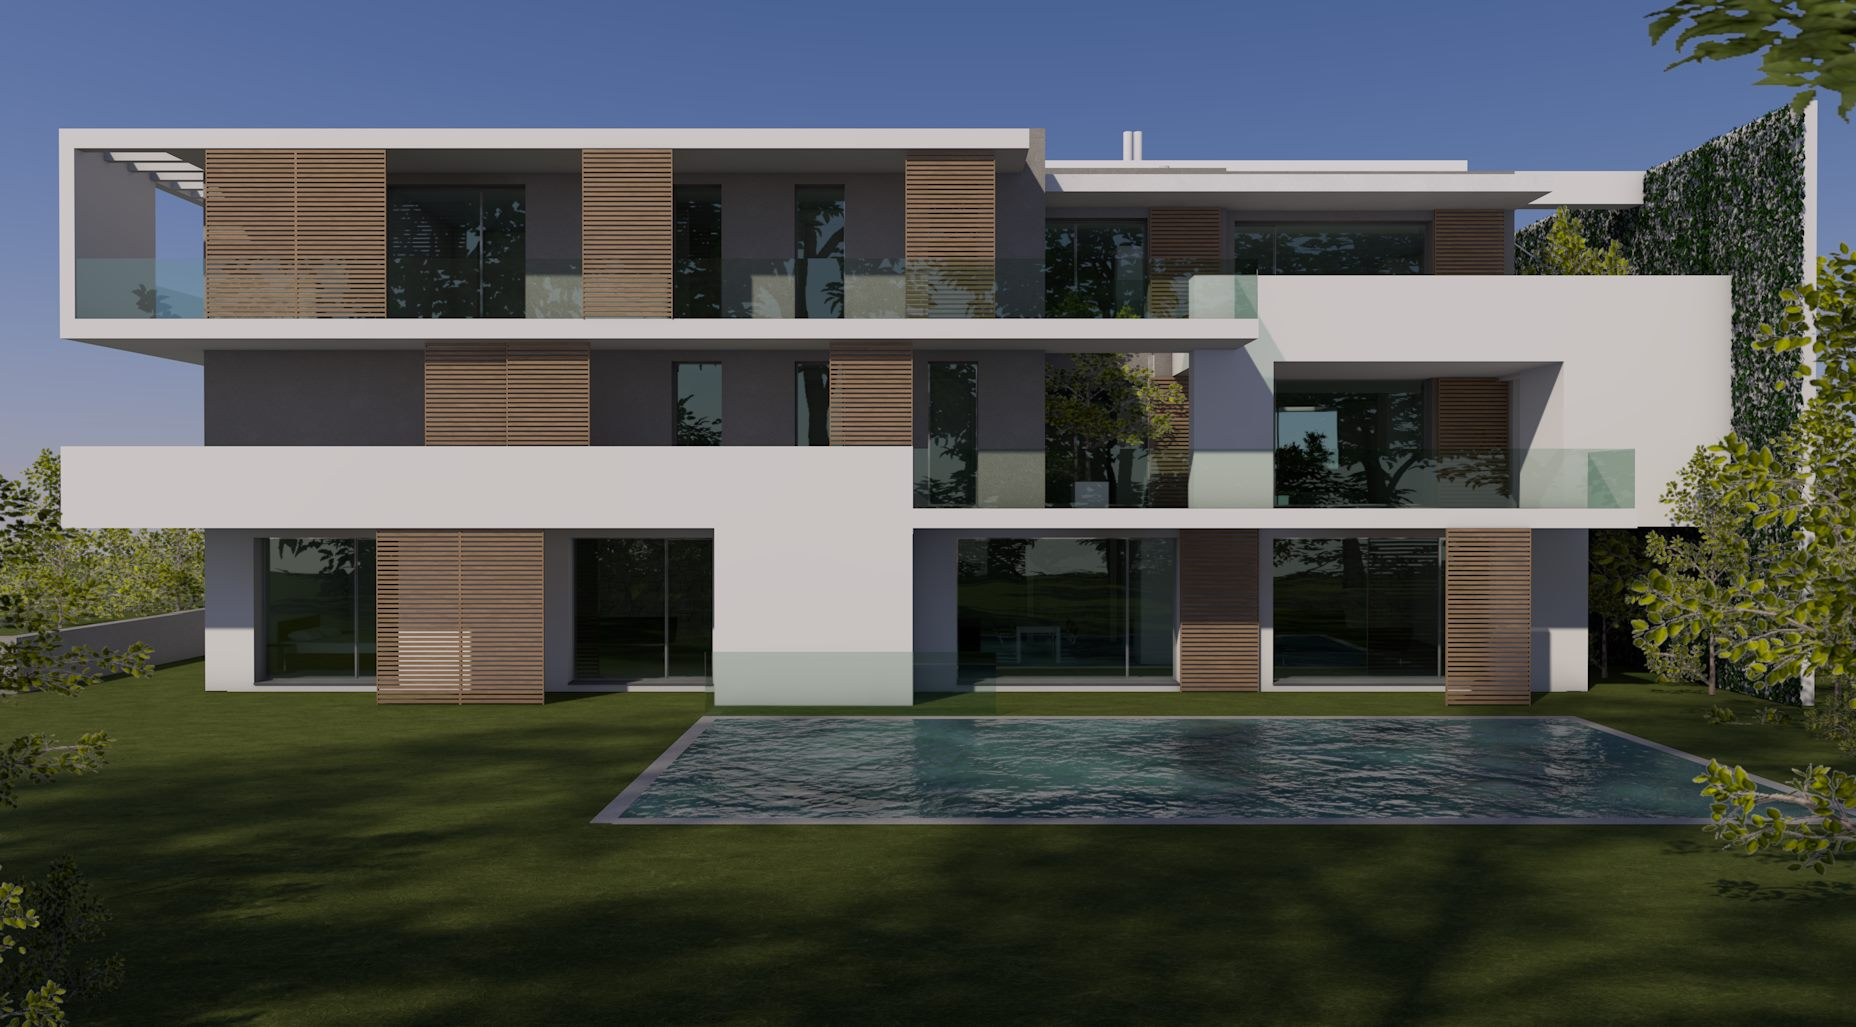 Architettura Sostenibile Architetti ar-house edificio a energia quasi zero (nzeb) | 0-co2